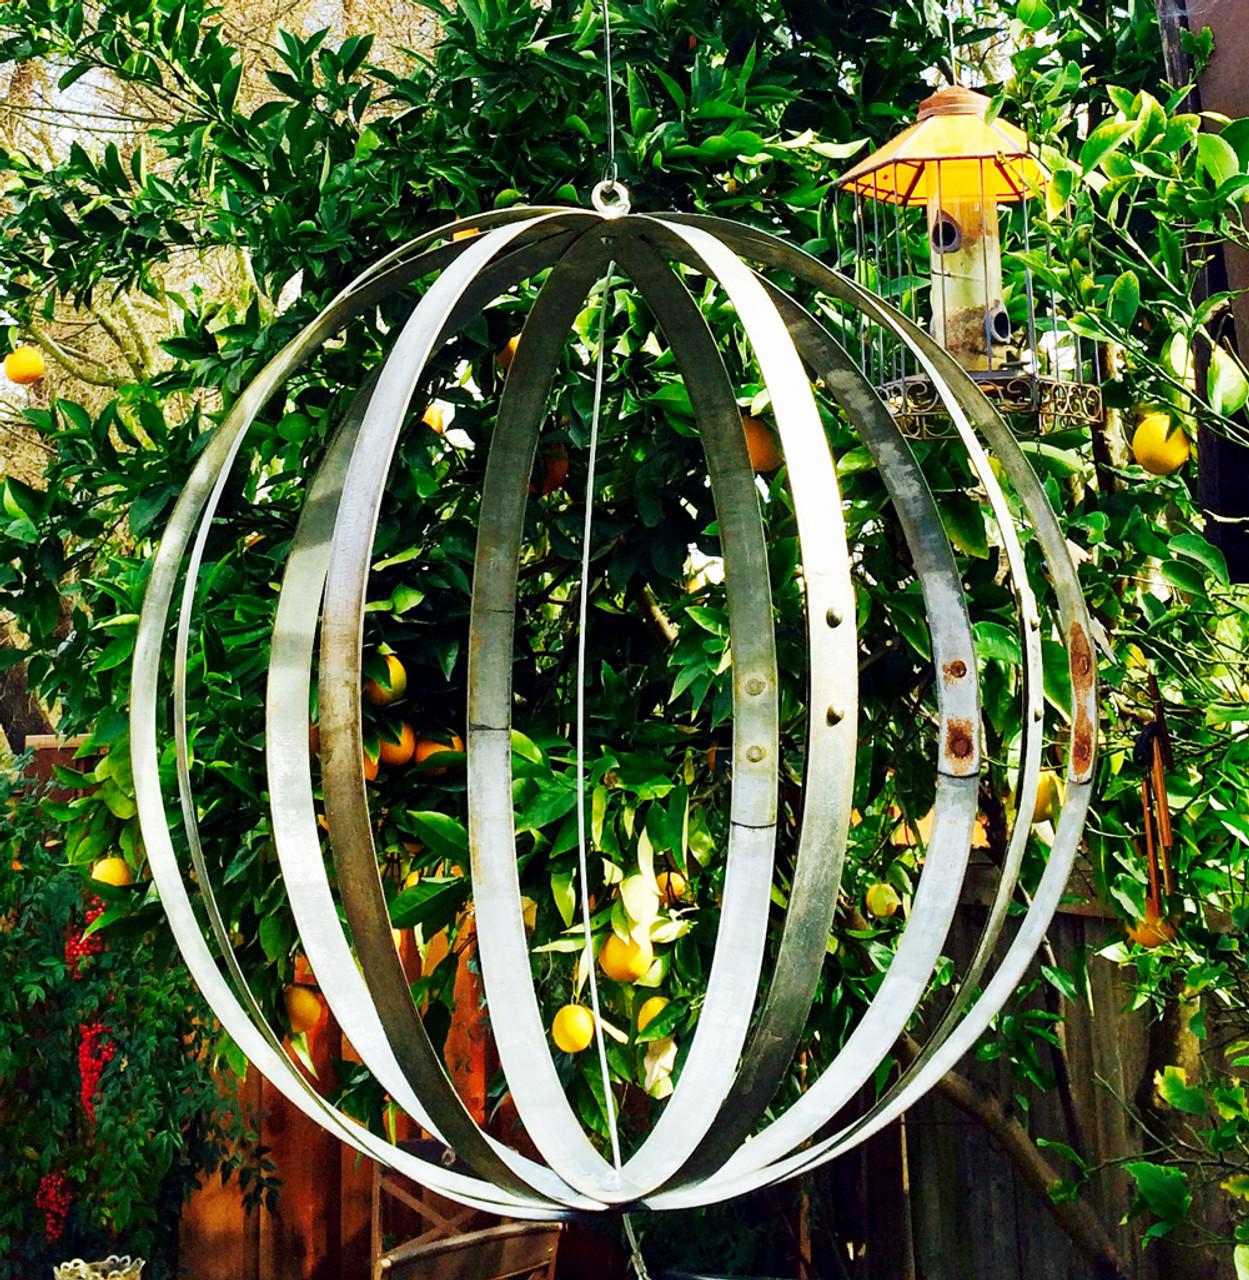 Hoops in a Sphere